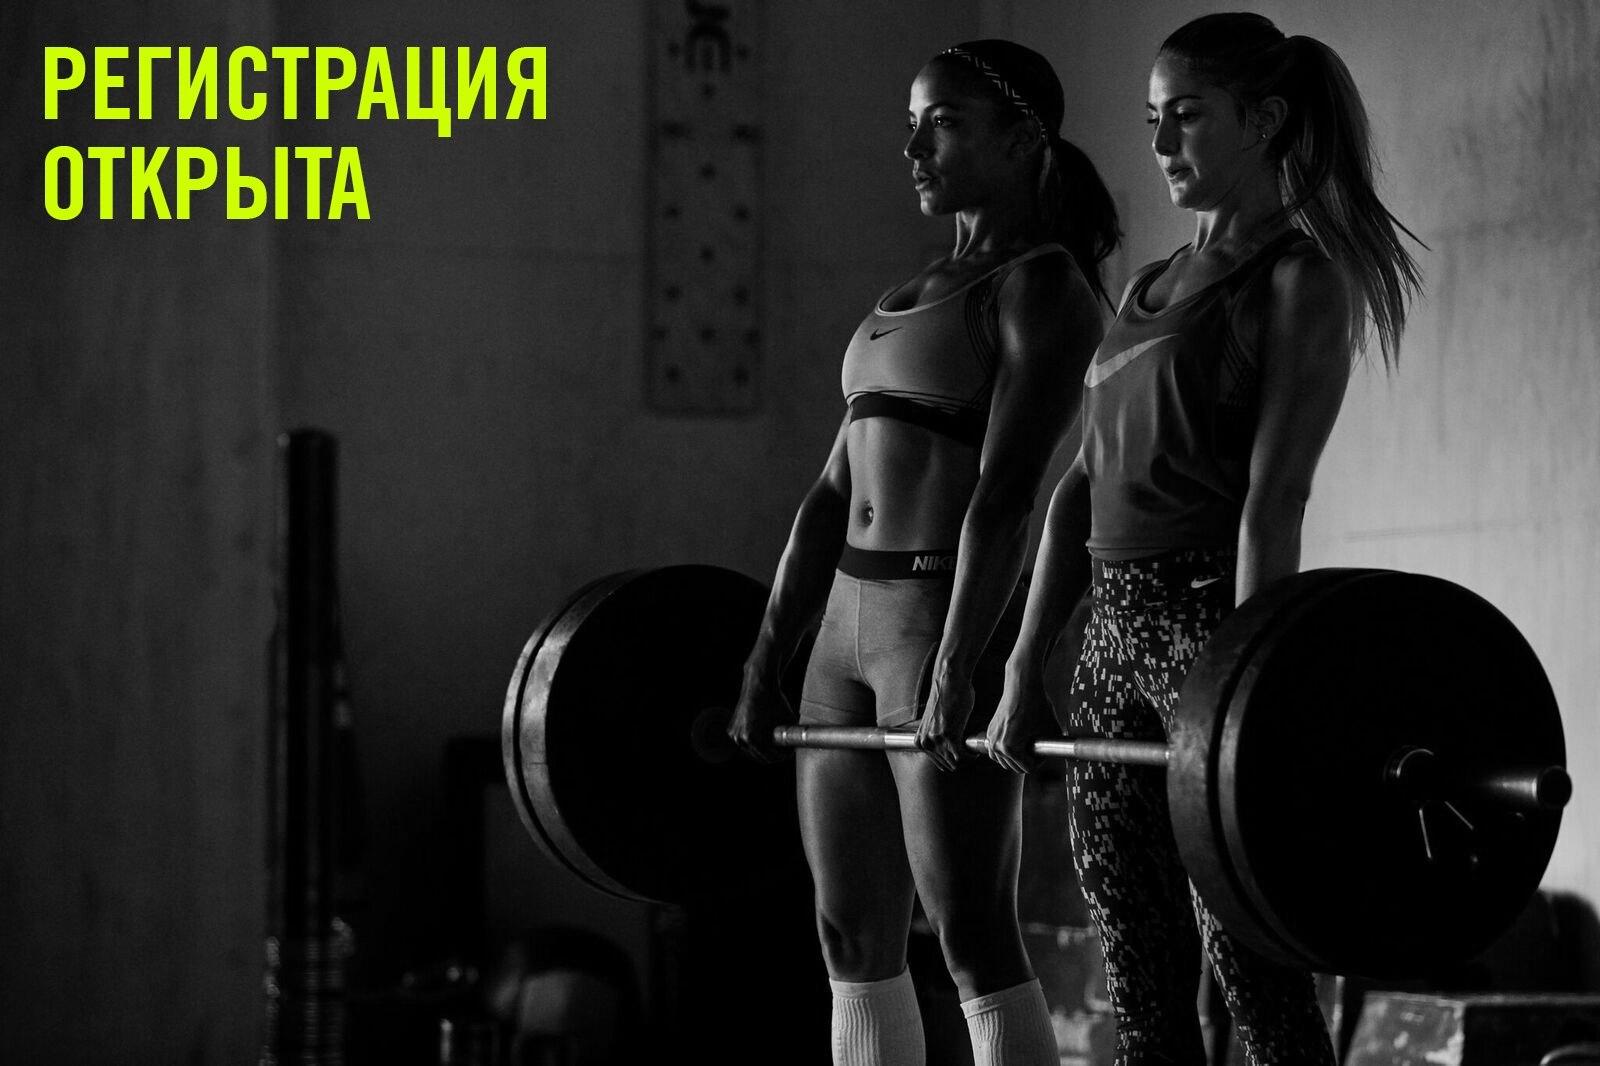 758ac01e На базе Ректорского Центра студенческого спорта, открытого на экономическом  факультете МГУ, проходят групповые занятия по фитнесу.